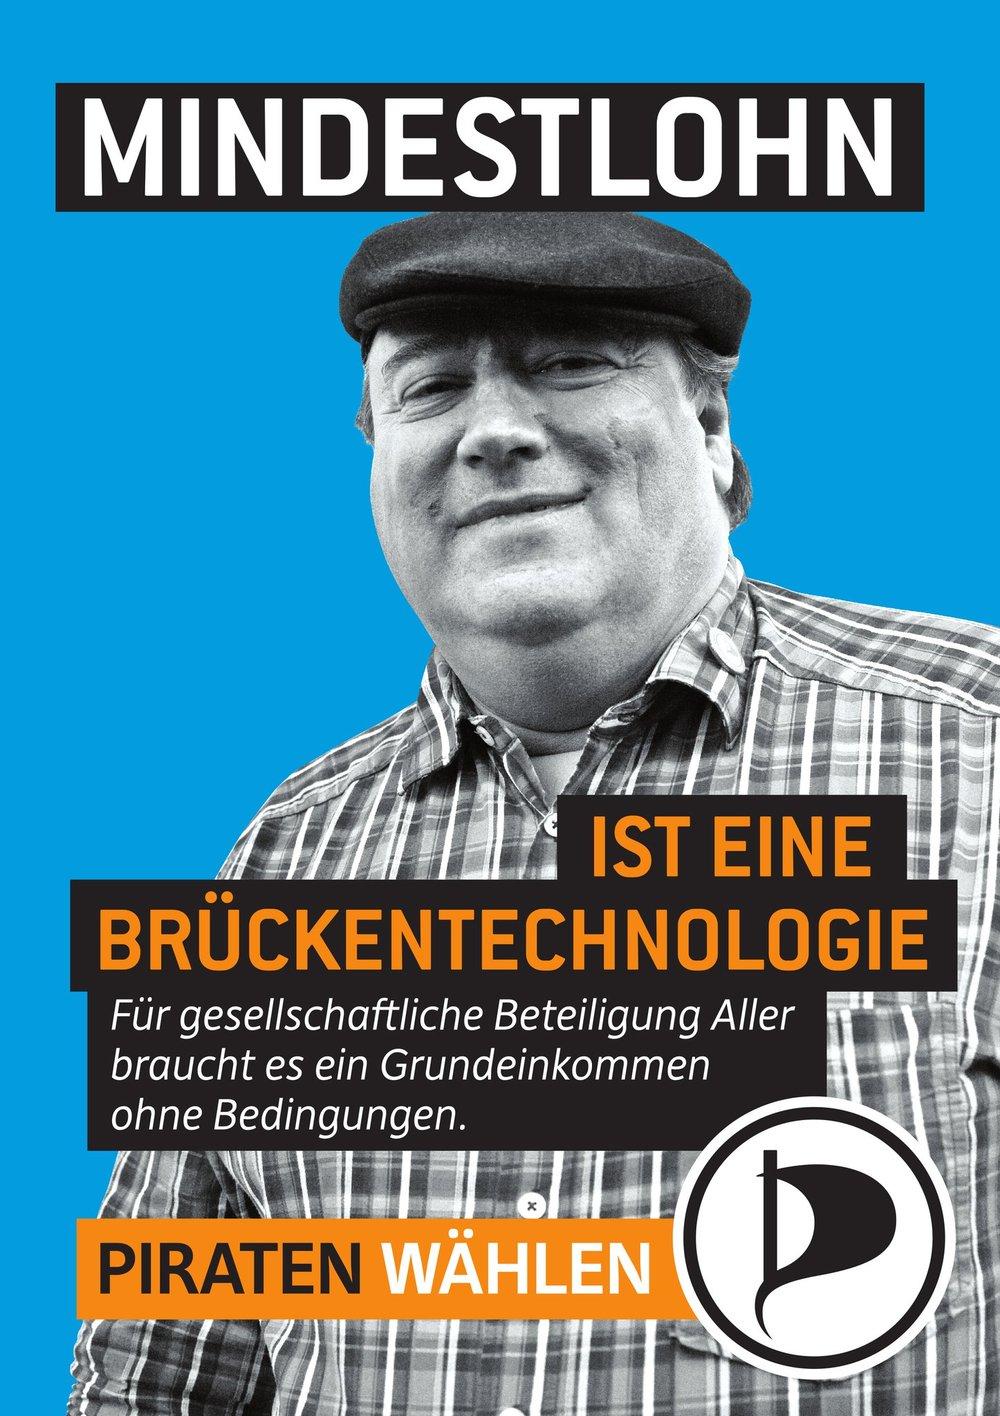 berlinplakat.01.jpg